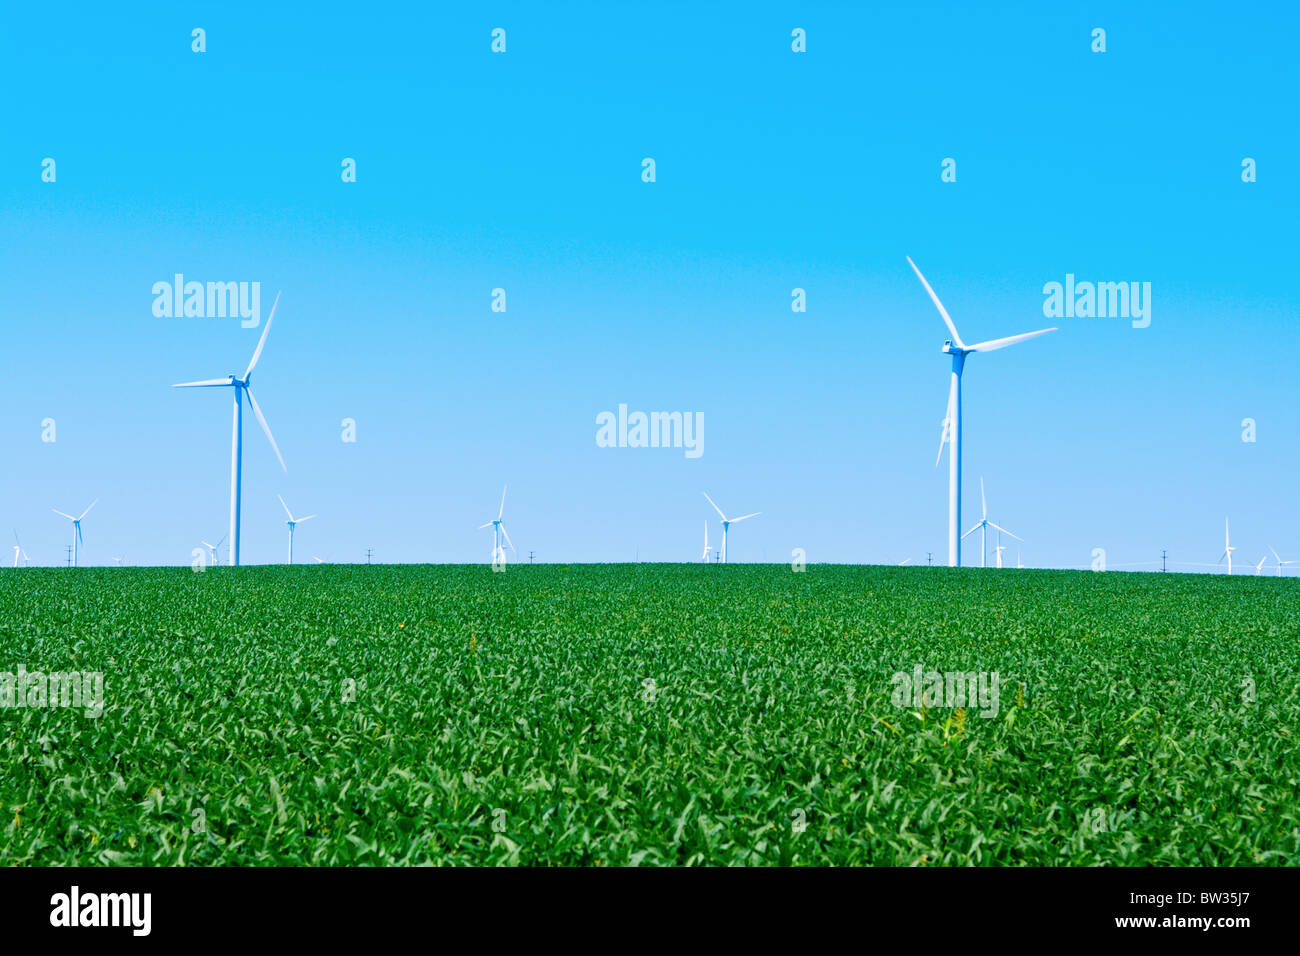 Windmill farm - Stock Image